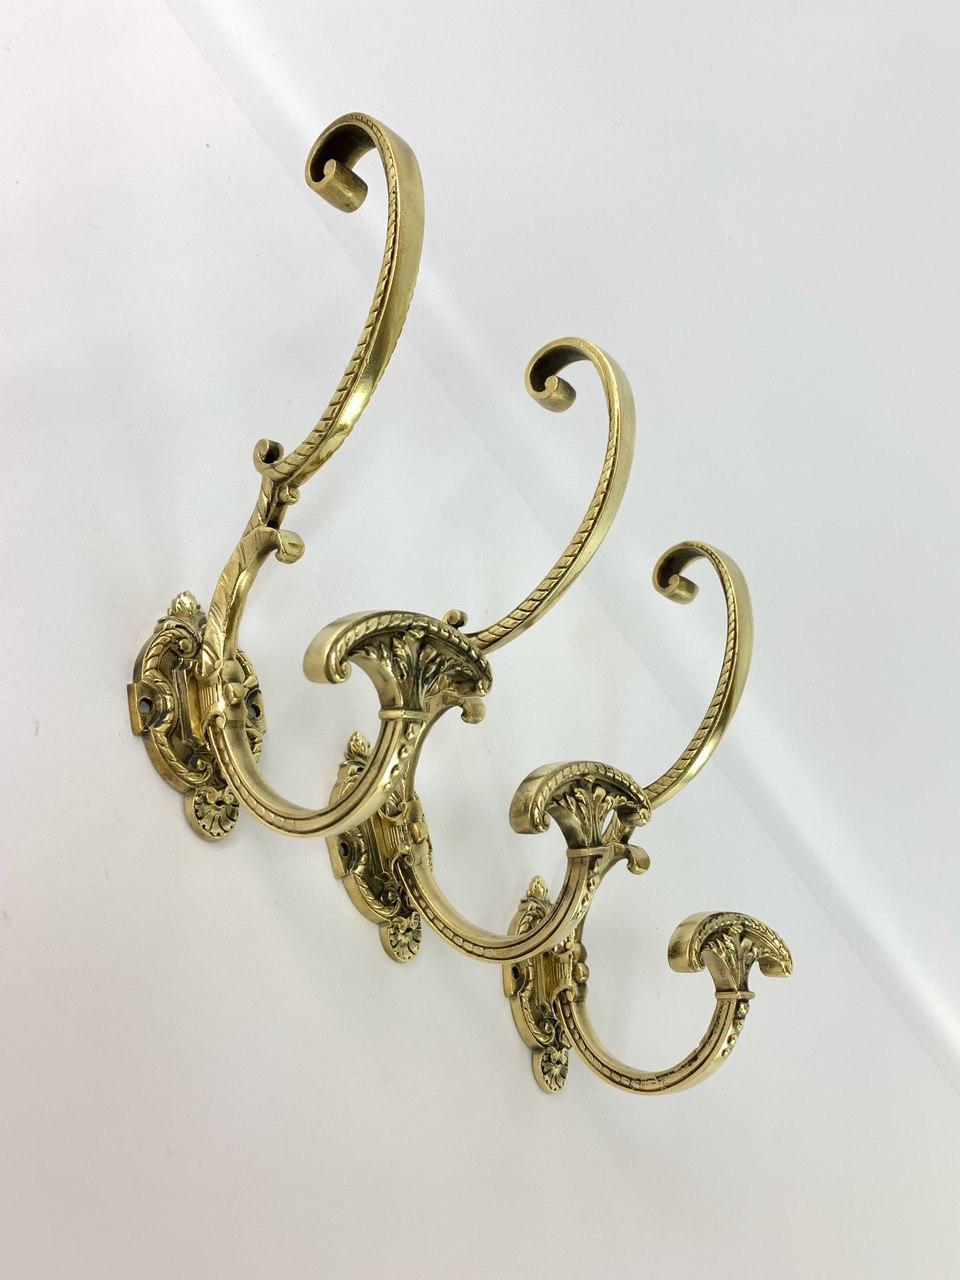 Антикварные крючки для вешалки